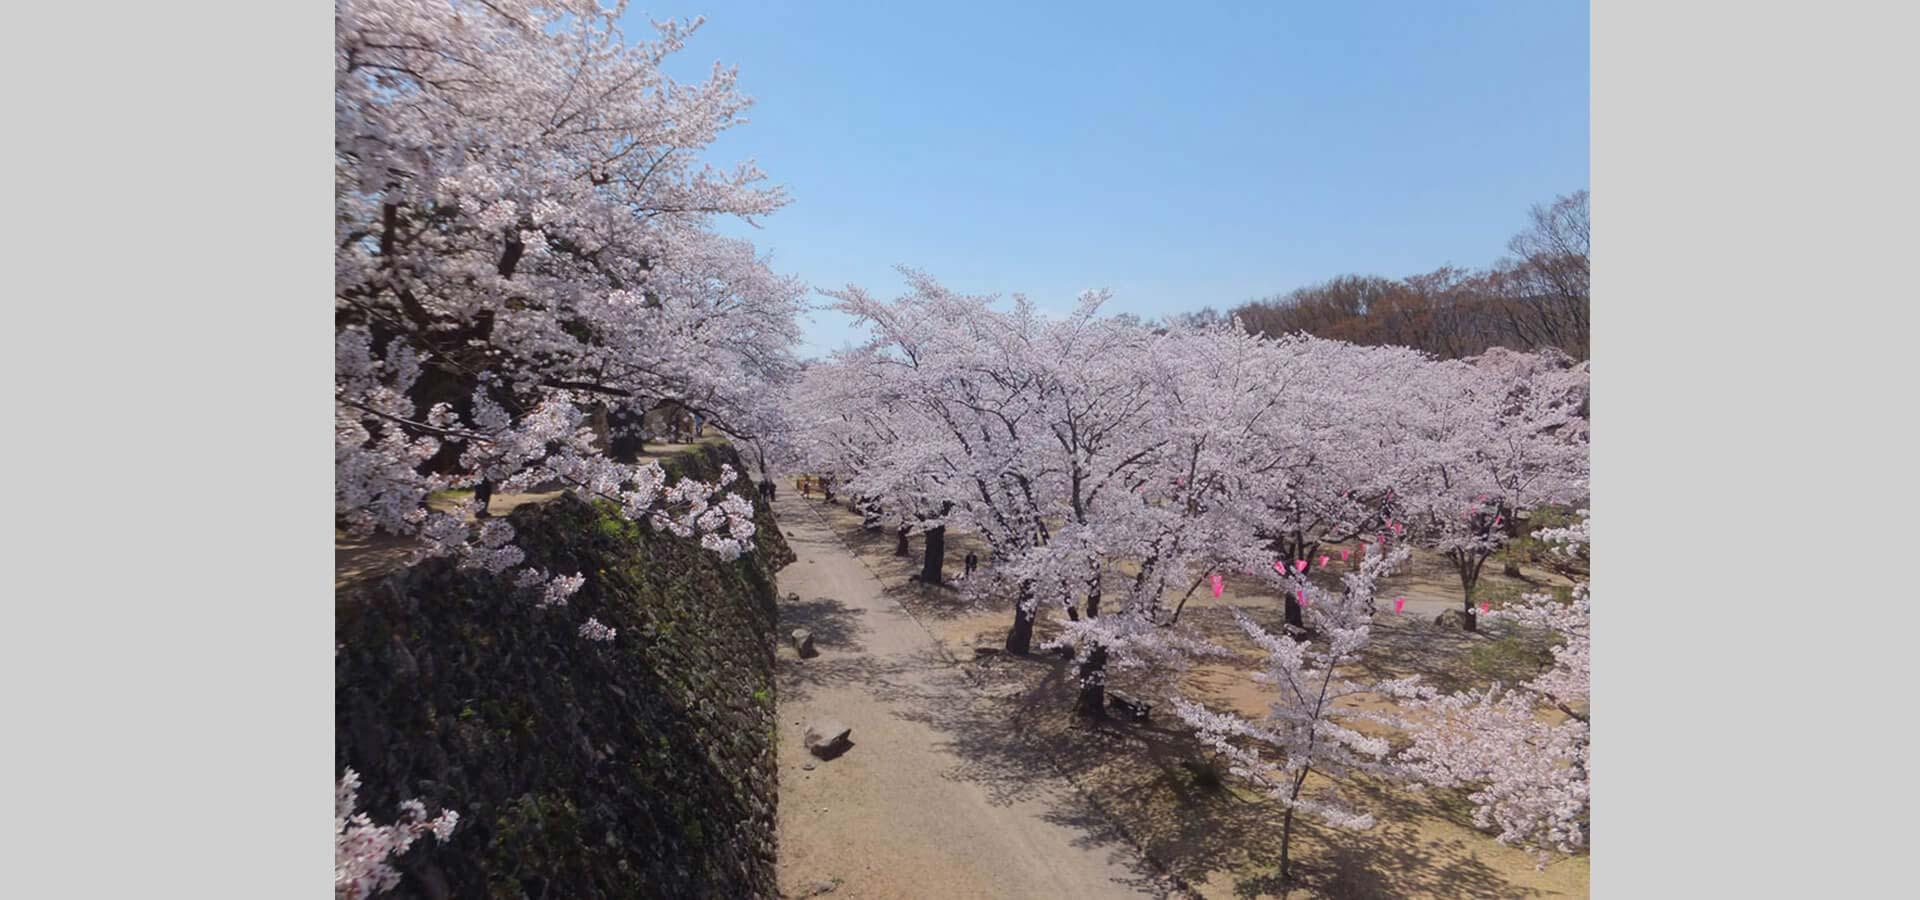 周边景点:小诸城址怀古园 樱花祭 从4月9日至4月30日